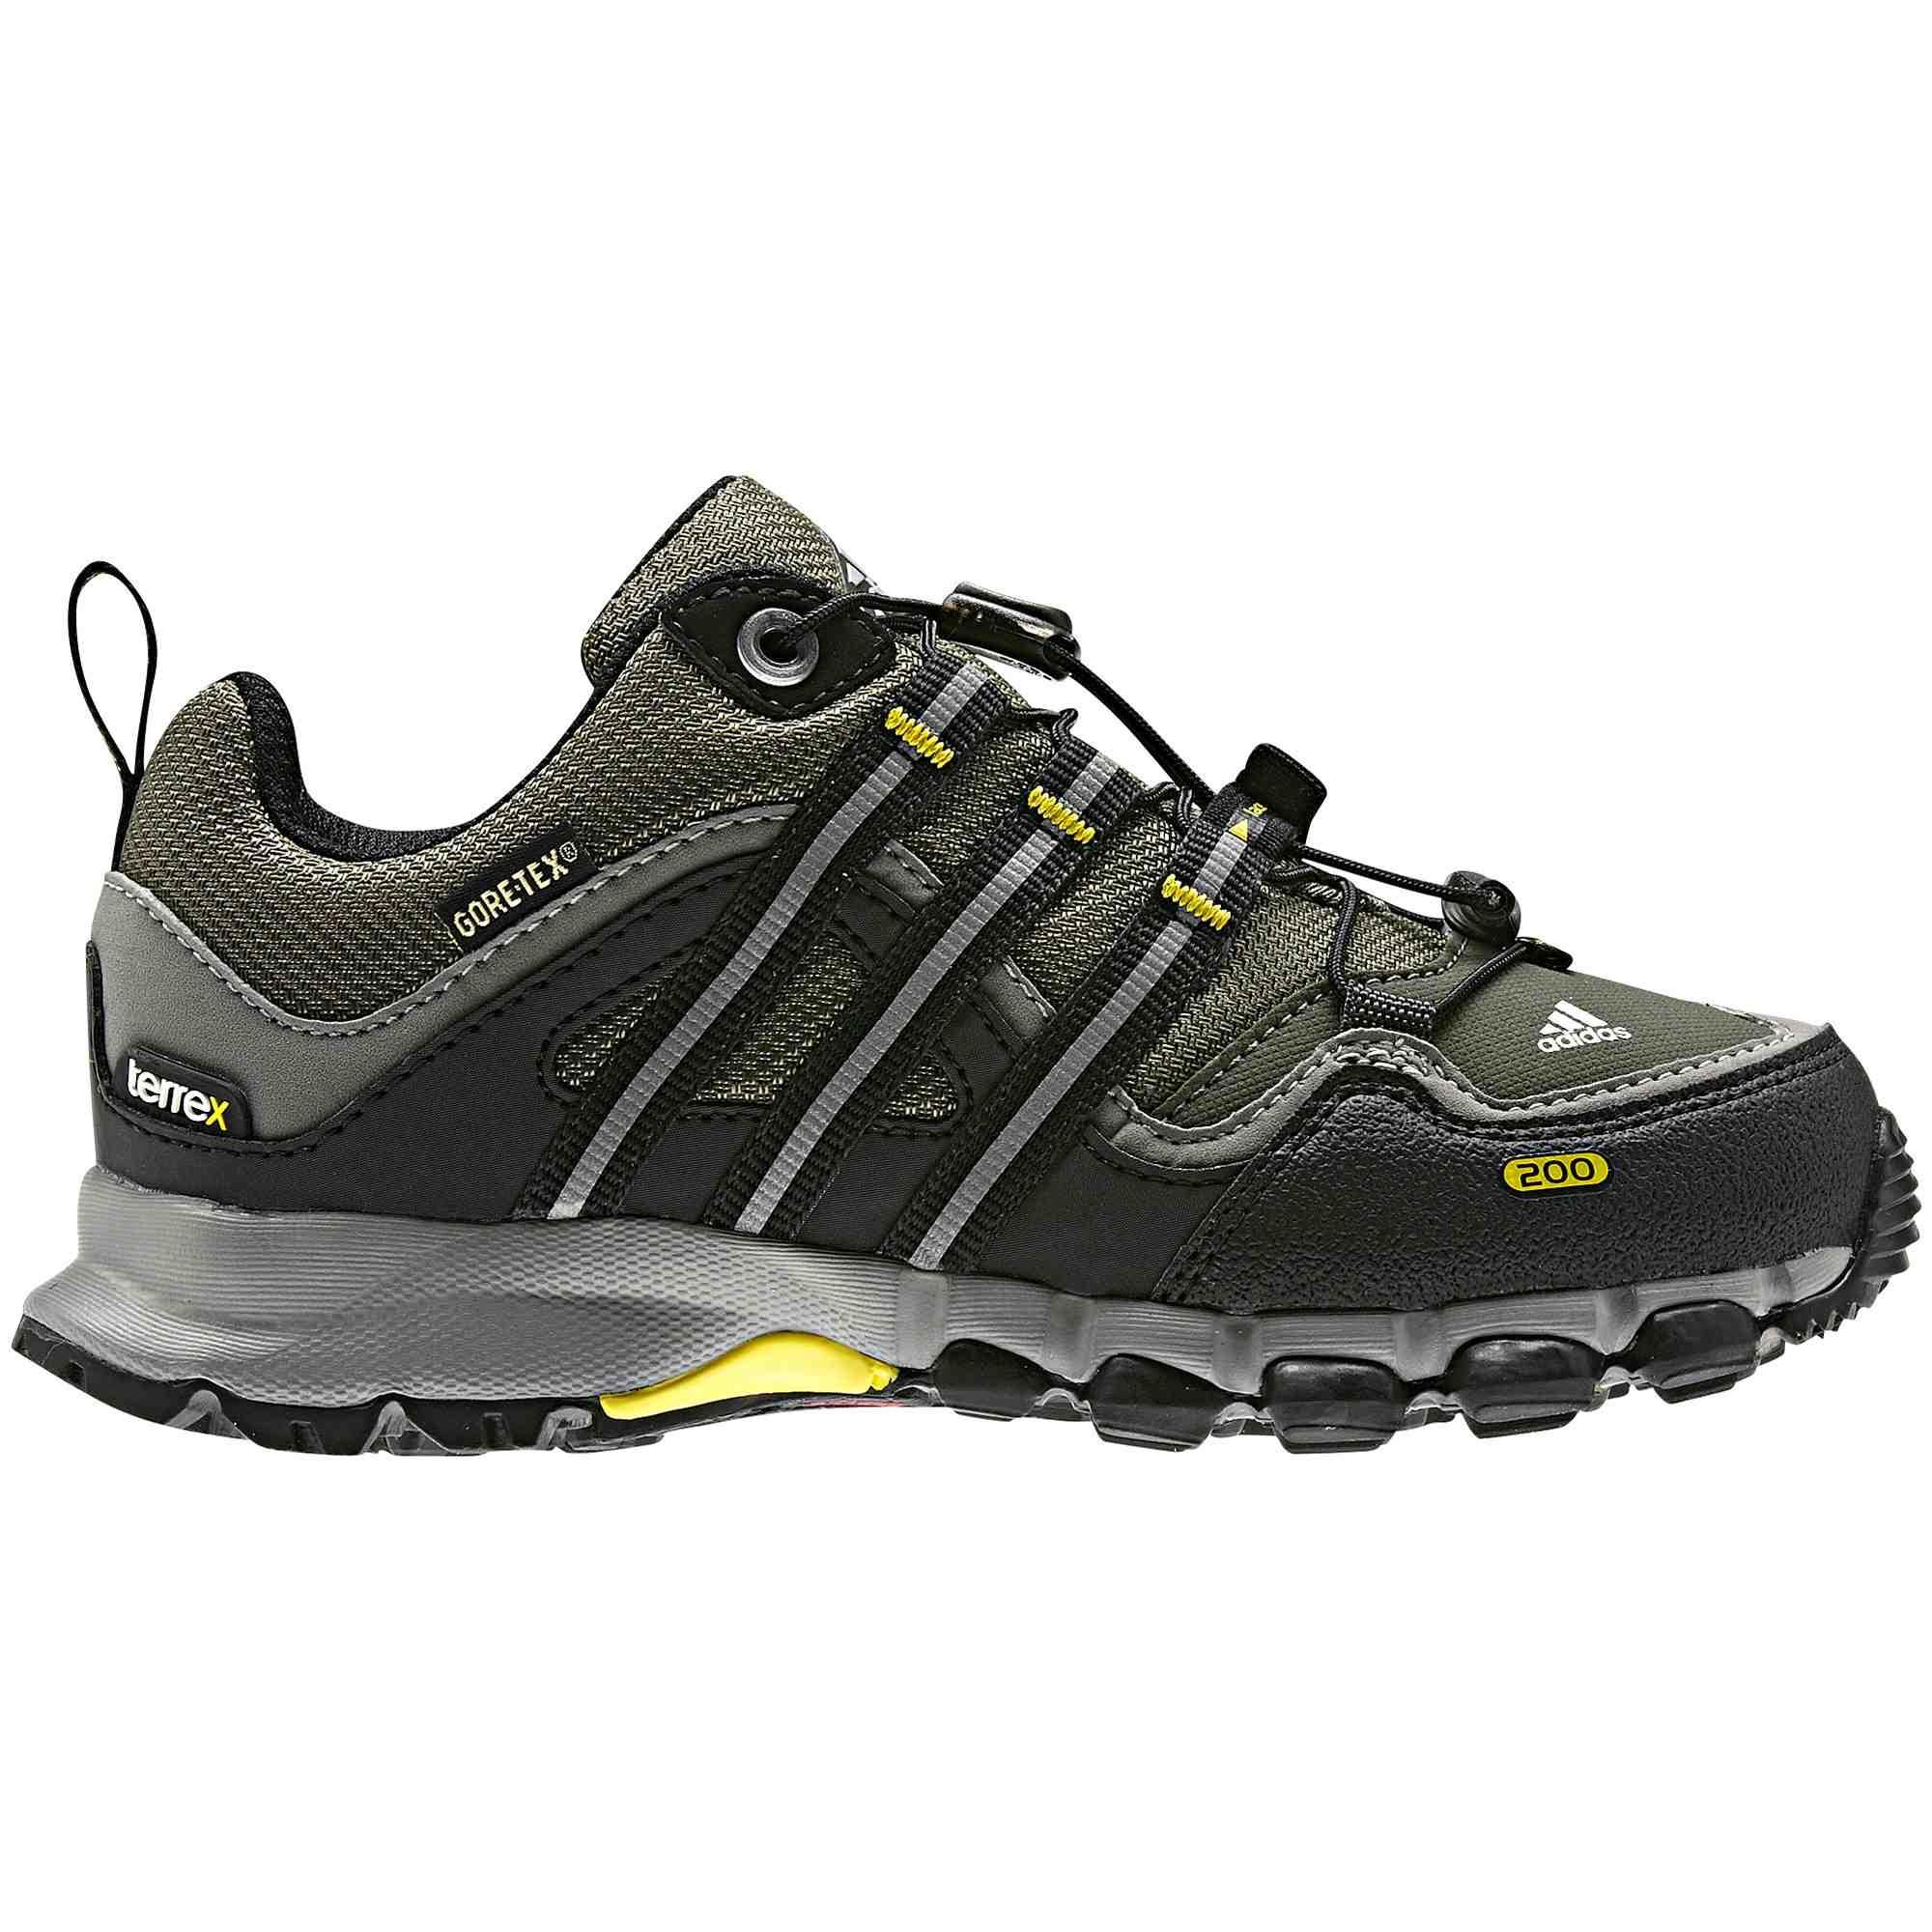 Trockene Füße, gut gelaunte Kinder beim Wandern. Der adidas Terrex Low GTX verhindert mit seinem Gore Tex Futter familiäre Bergdramen. Foto:(c) adidas AG